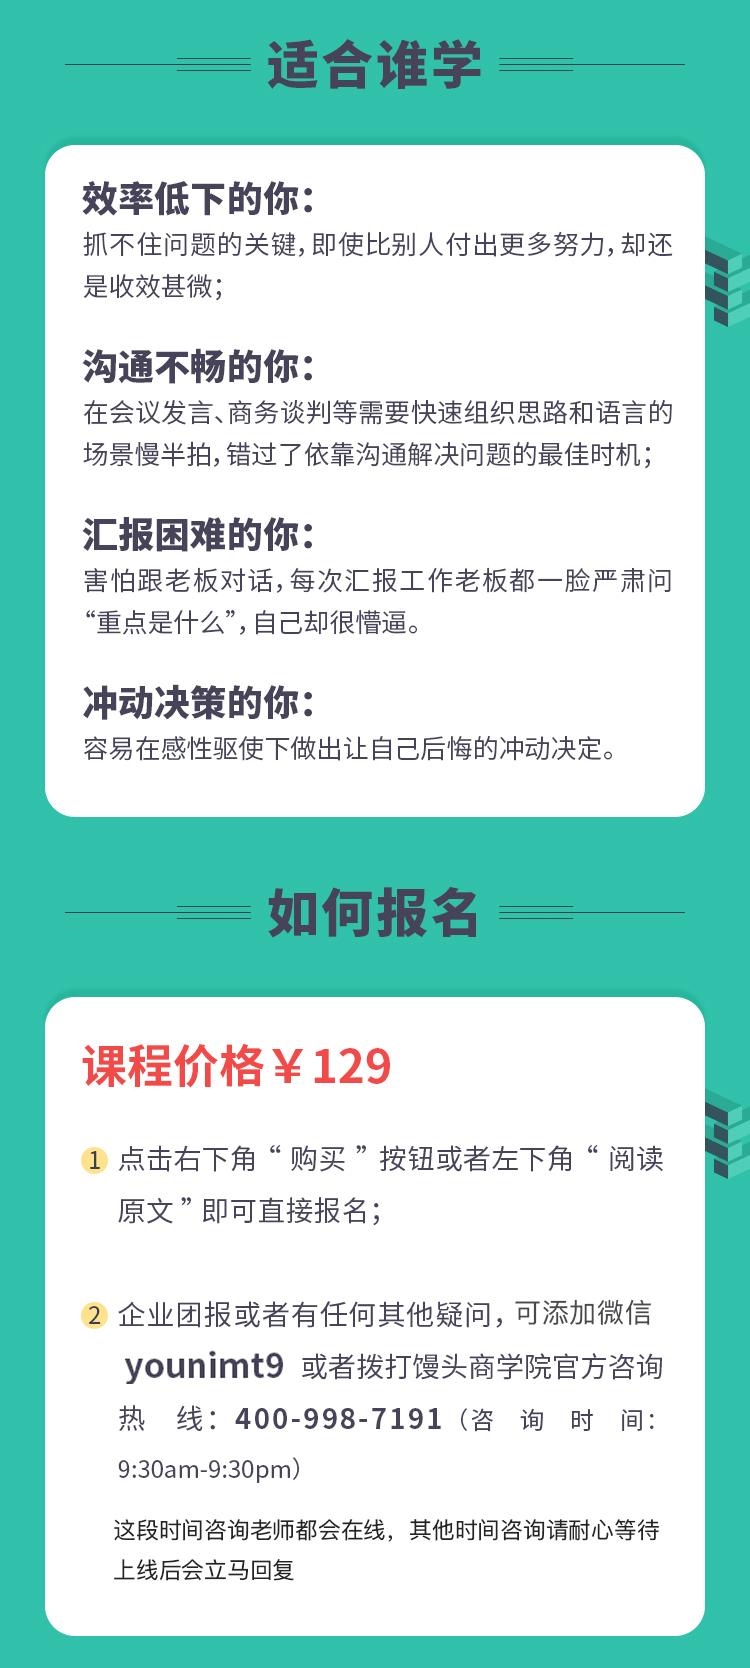 http://mtedu-img.oss-cn-beijing-internal.aliyuncs.com/ueditor/20190710144921_688661.jpg